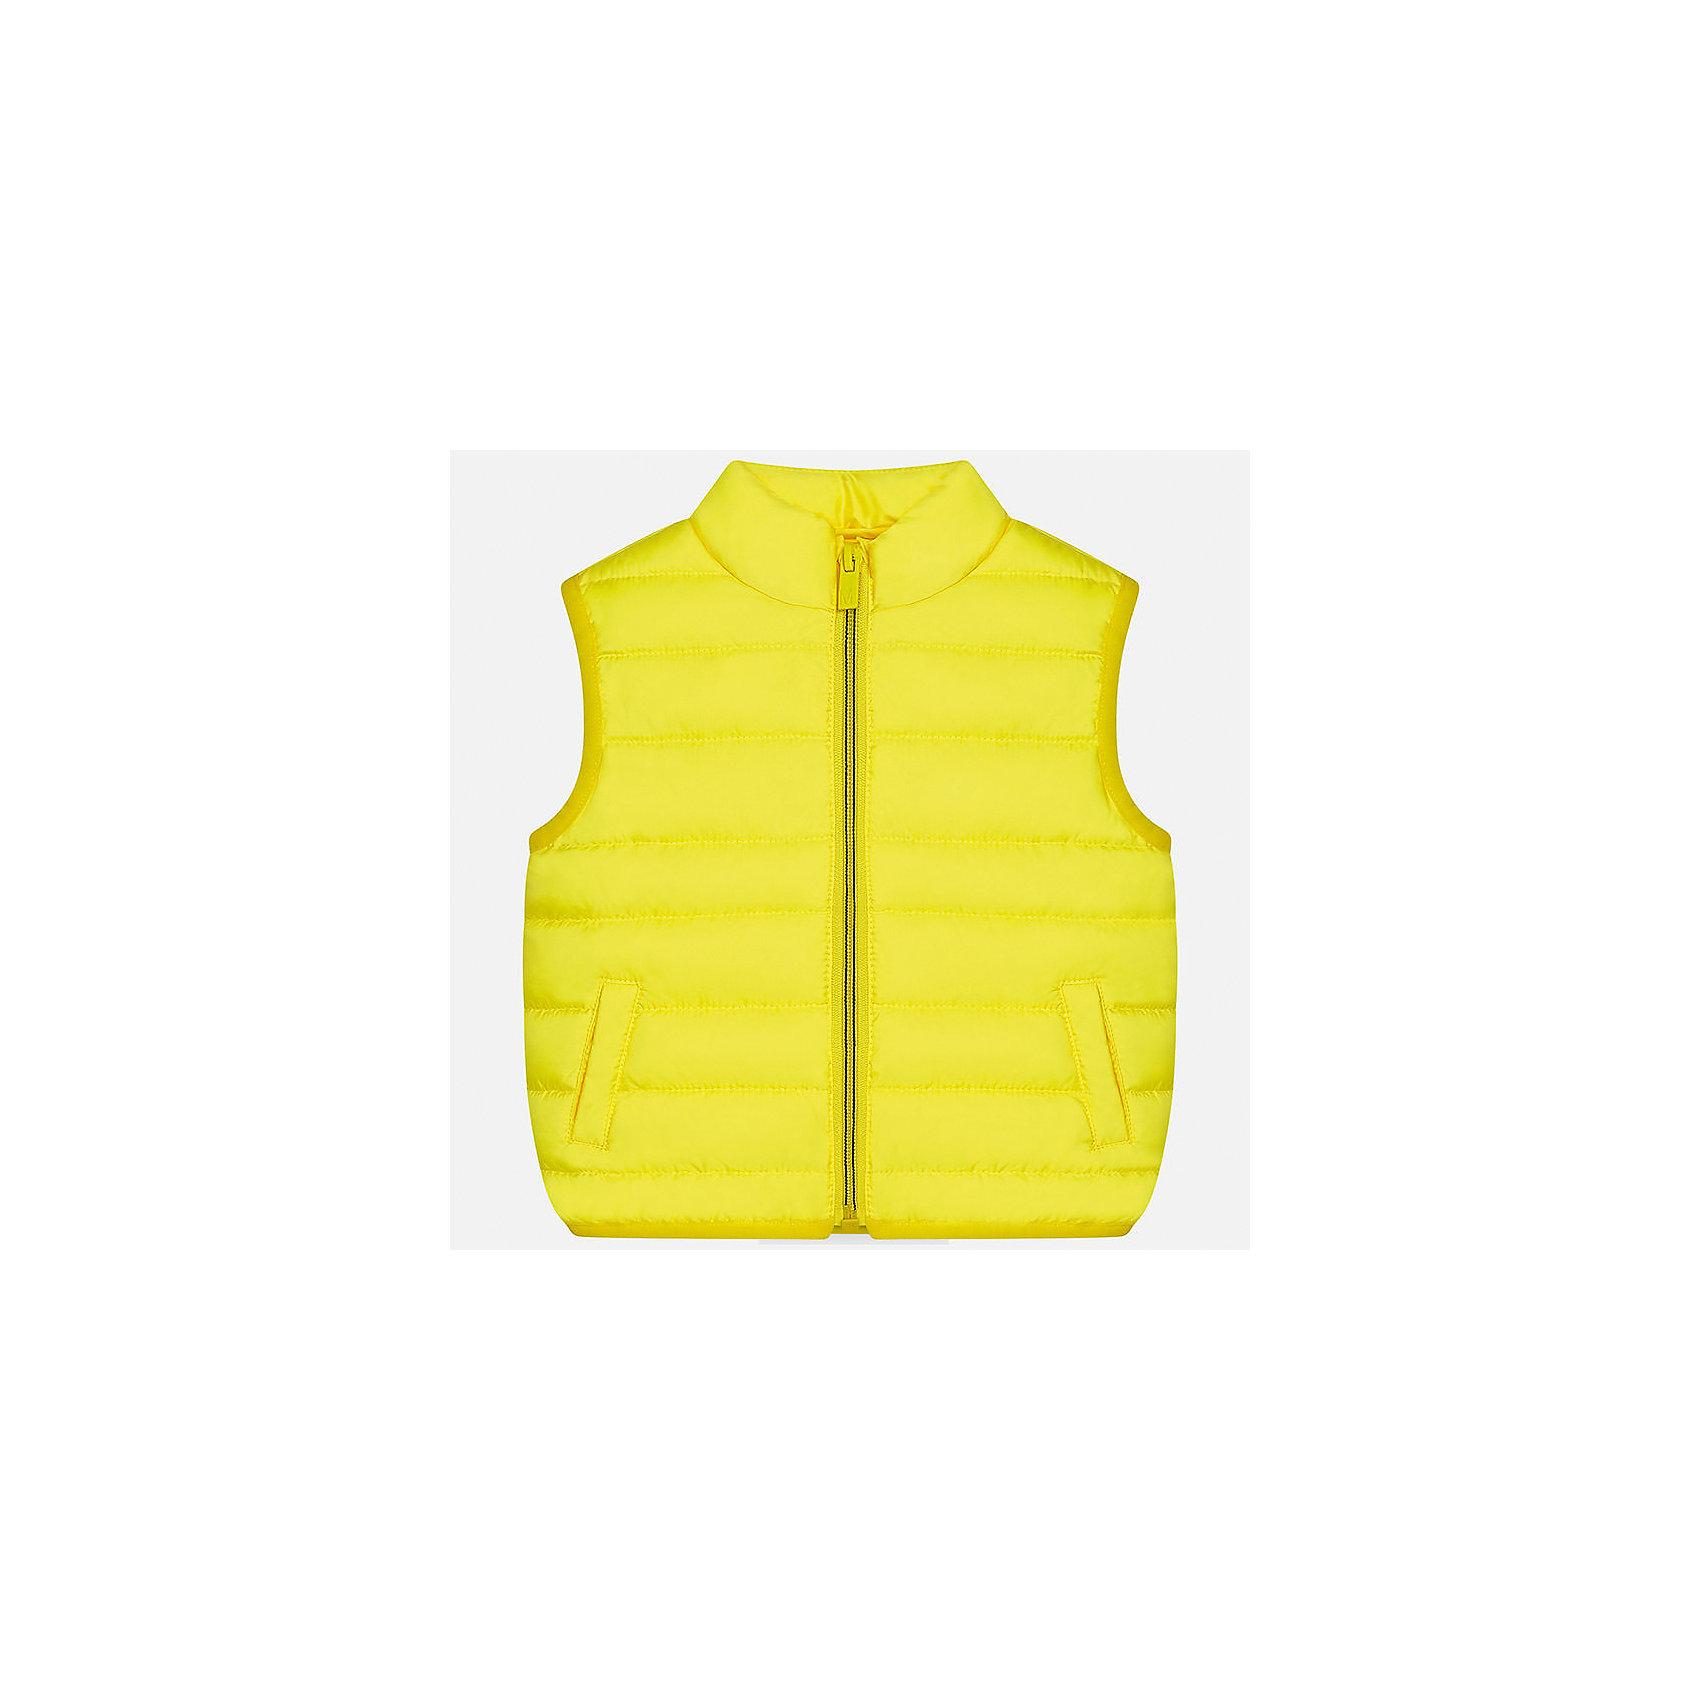 Жилет для мальчика MayoralХарактеристики товара:<br><br>• цвет: жёлтый<br>• состав: 100% полиэстер<br>• температурный режим: +10°до +20°С<br>• без рукавов<br>• карманы<br>• молния <br>• воротник - стойка<br>• страна бренда: Испания<br><br>Стильный жилет для мальчика поможет разнообразить гардероб ребенка и обеспечить тепло. Он отлично сочетается и с джинсами, и с брюками. Универсальный цвет позволяет подобрать к вещи низ различных расцветок. Модное и практичное изделие.<br>Одежда, обувь и аксессуары от испанского бренда Mayoral полюбились детям и взрослым по всему миру. Модели этой марки - стильные и удобные. Для их производства используются только безопасные, качественные материалы и фурнитура. Порадуйте ребенка модными и красивыми вещами от Mayoral! <br><br>Жилет для мальчика от испанского бренда Mayoral (Майорал) можно купить в нашем интернет-магазине.<br><br>Ширина мм: 190<br>Глубина мм: 74<br>Высота мм: 229<br>Вес г: 236<br>Цвет: желтый<br>Возраст от месяцев: 12<br>Возраст до месяцев: 15<br>Пол: Мужской<br>Возраст: Детский<br>Размер: 80,92,86<br>SKU: 5279553